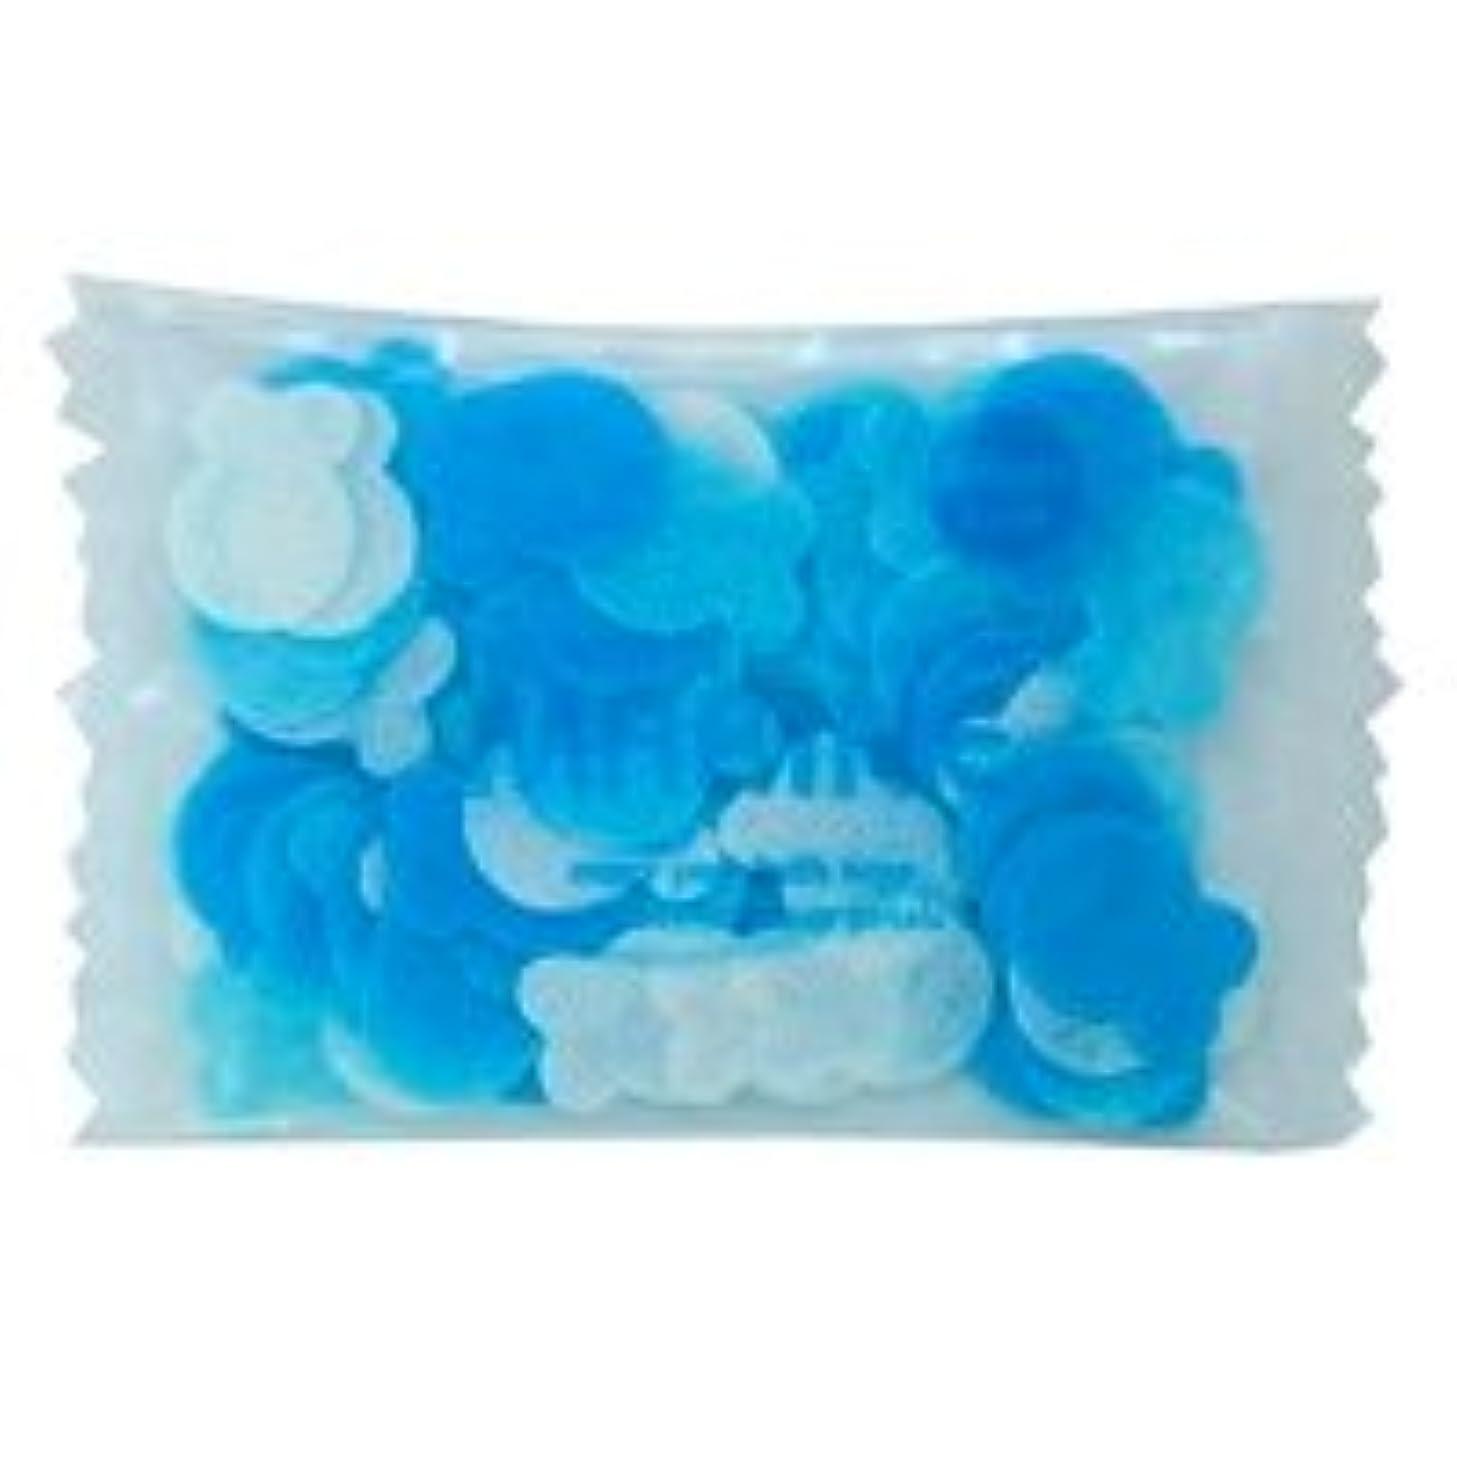 三ベールコカインフラワーペタル バブルバス ミニパック「マリン」20個セット 穏やかで優しい気持ちになりたい日に心をなごませてくれる爽やかなマリンの香り